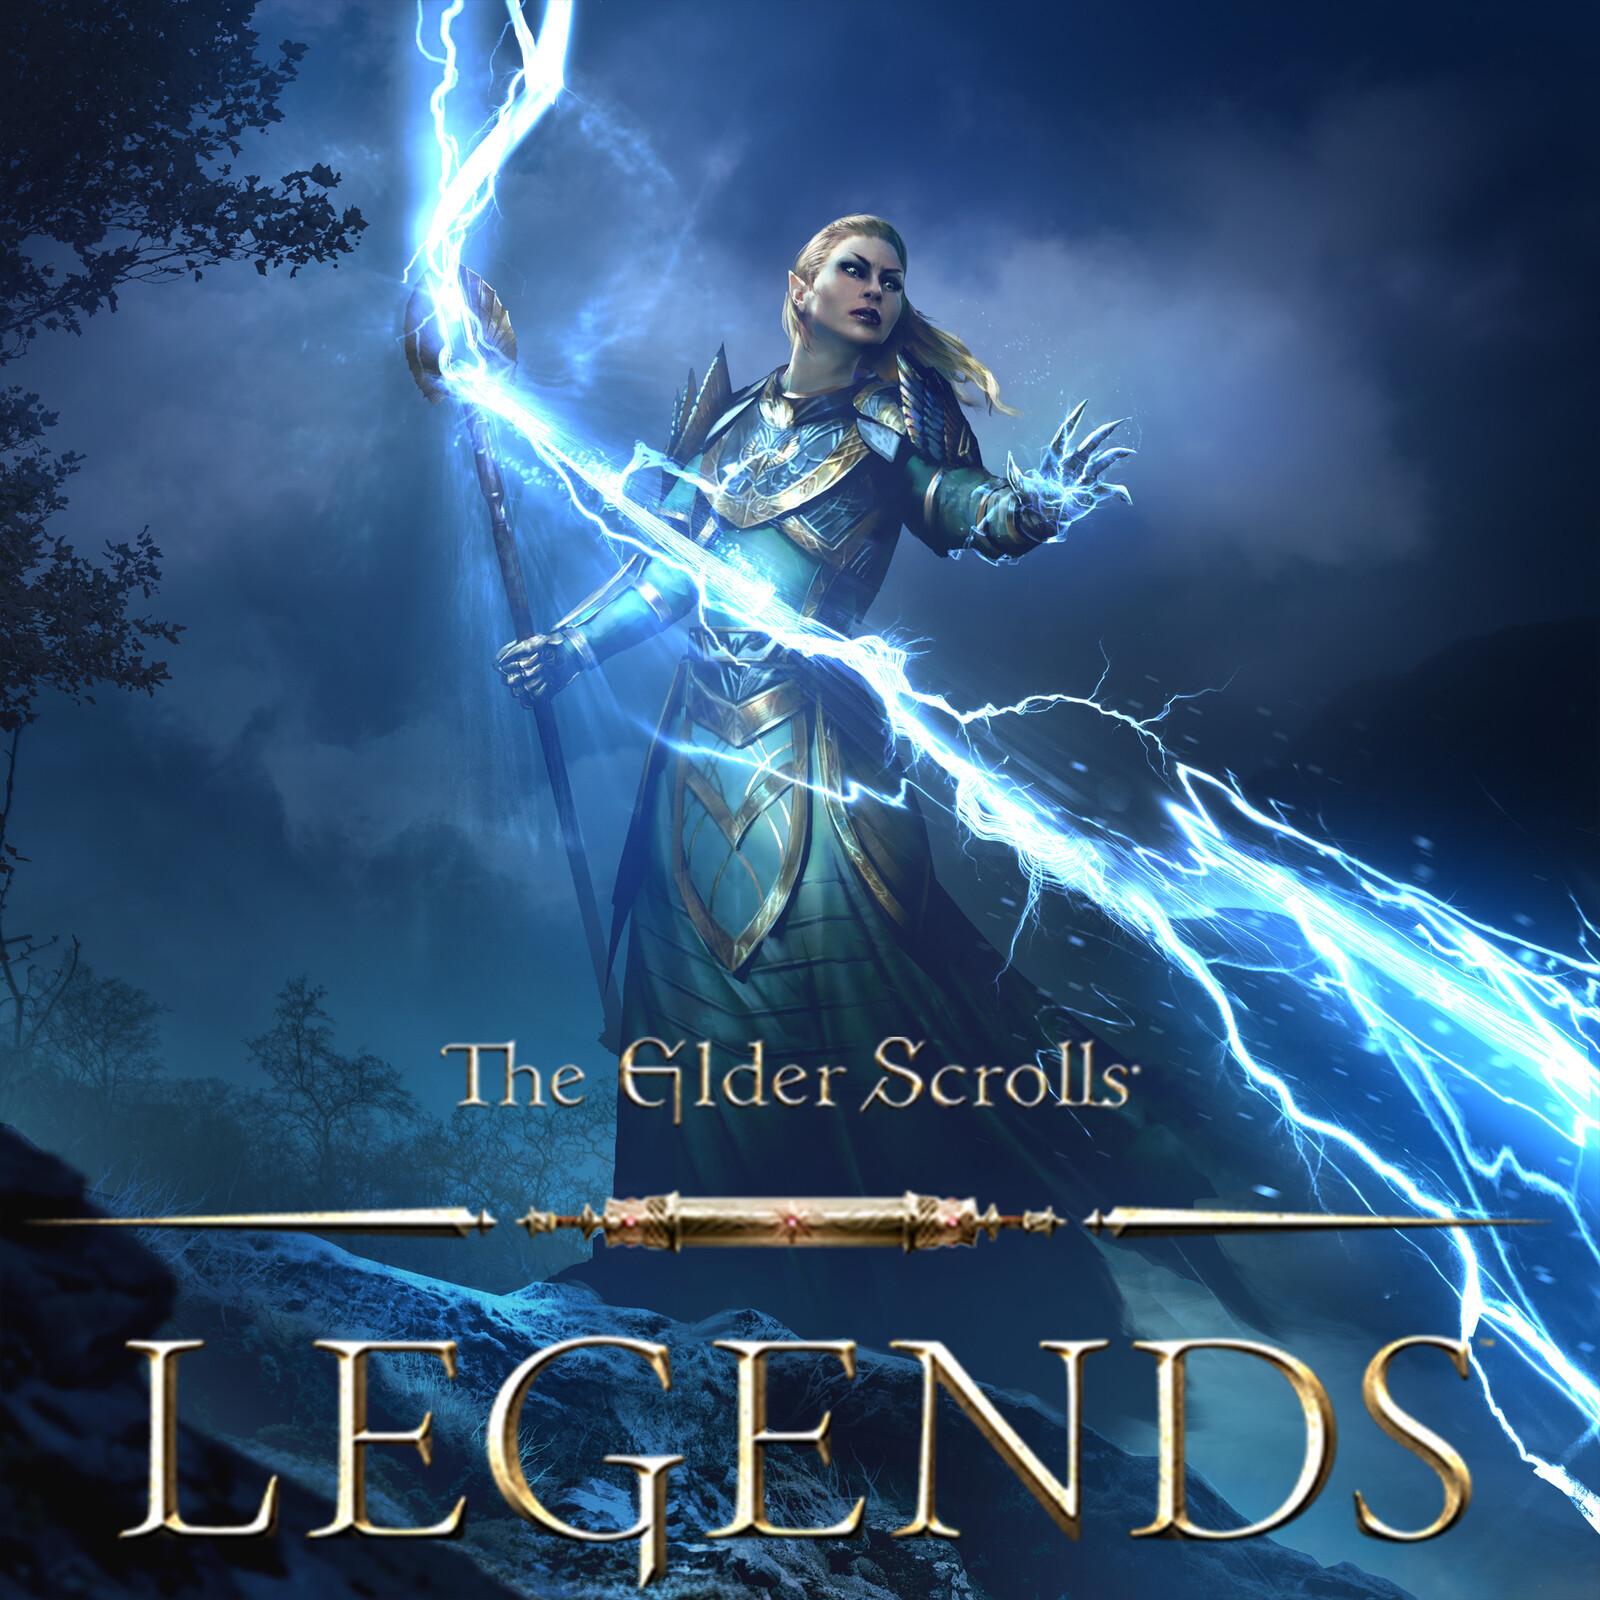 Forked Bolt - The Elder Scrolls: Legends